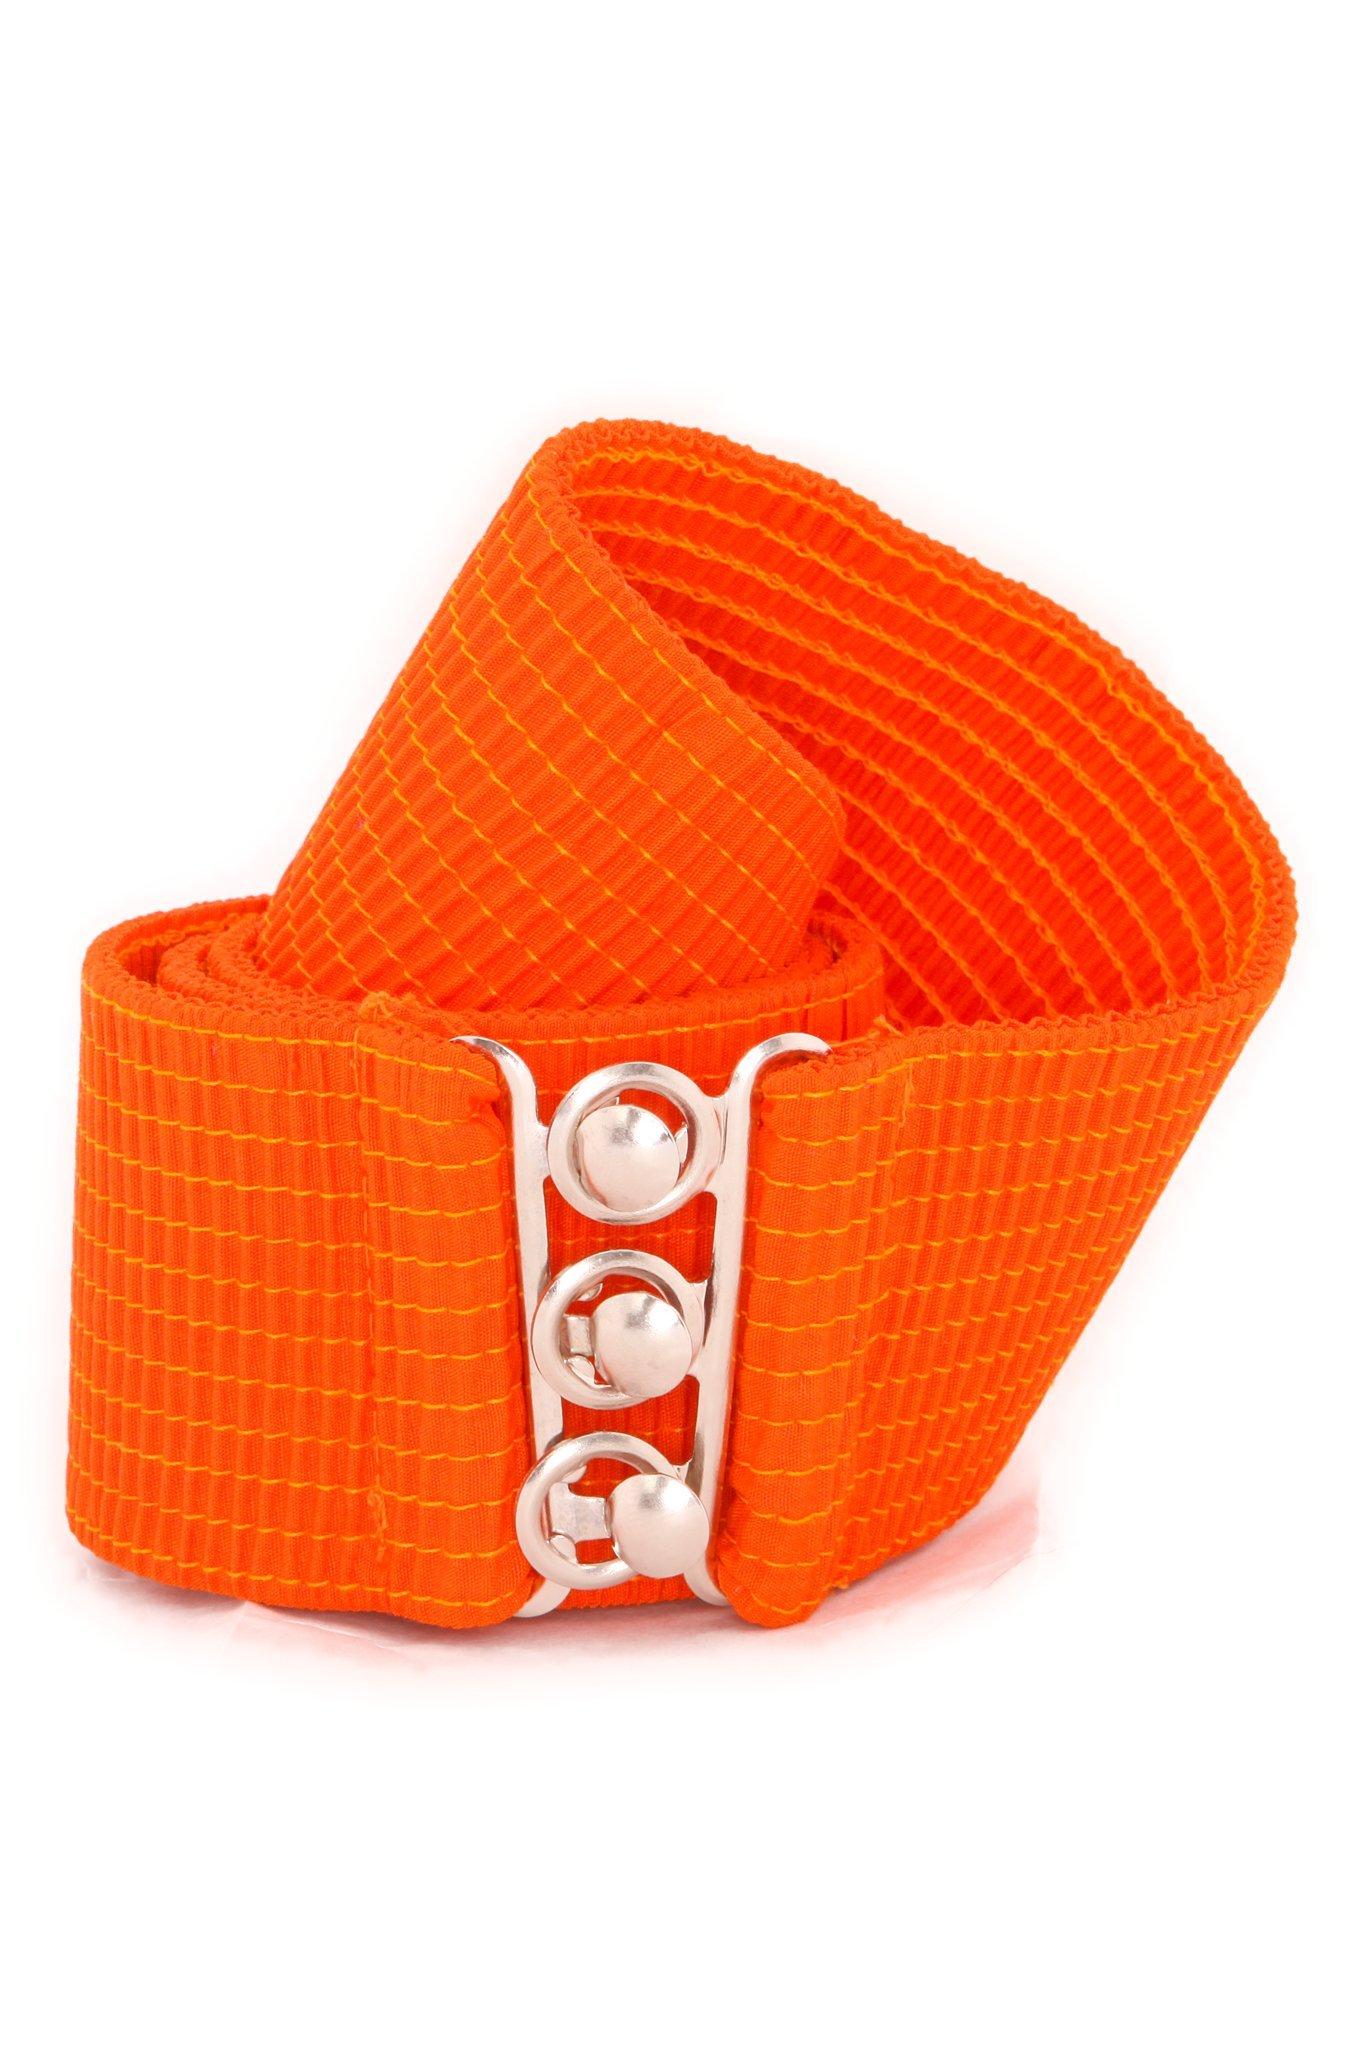 Malco Modes Wide (Orange, Large)